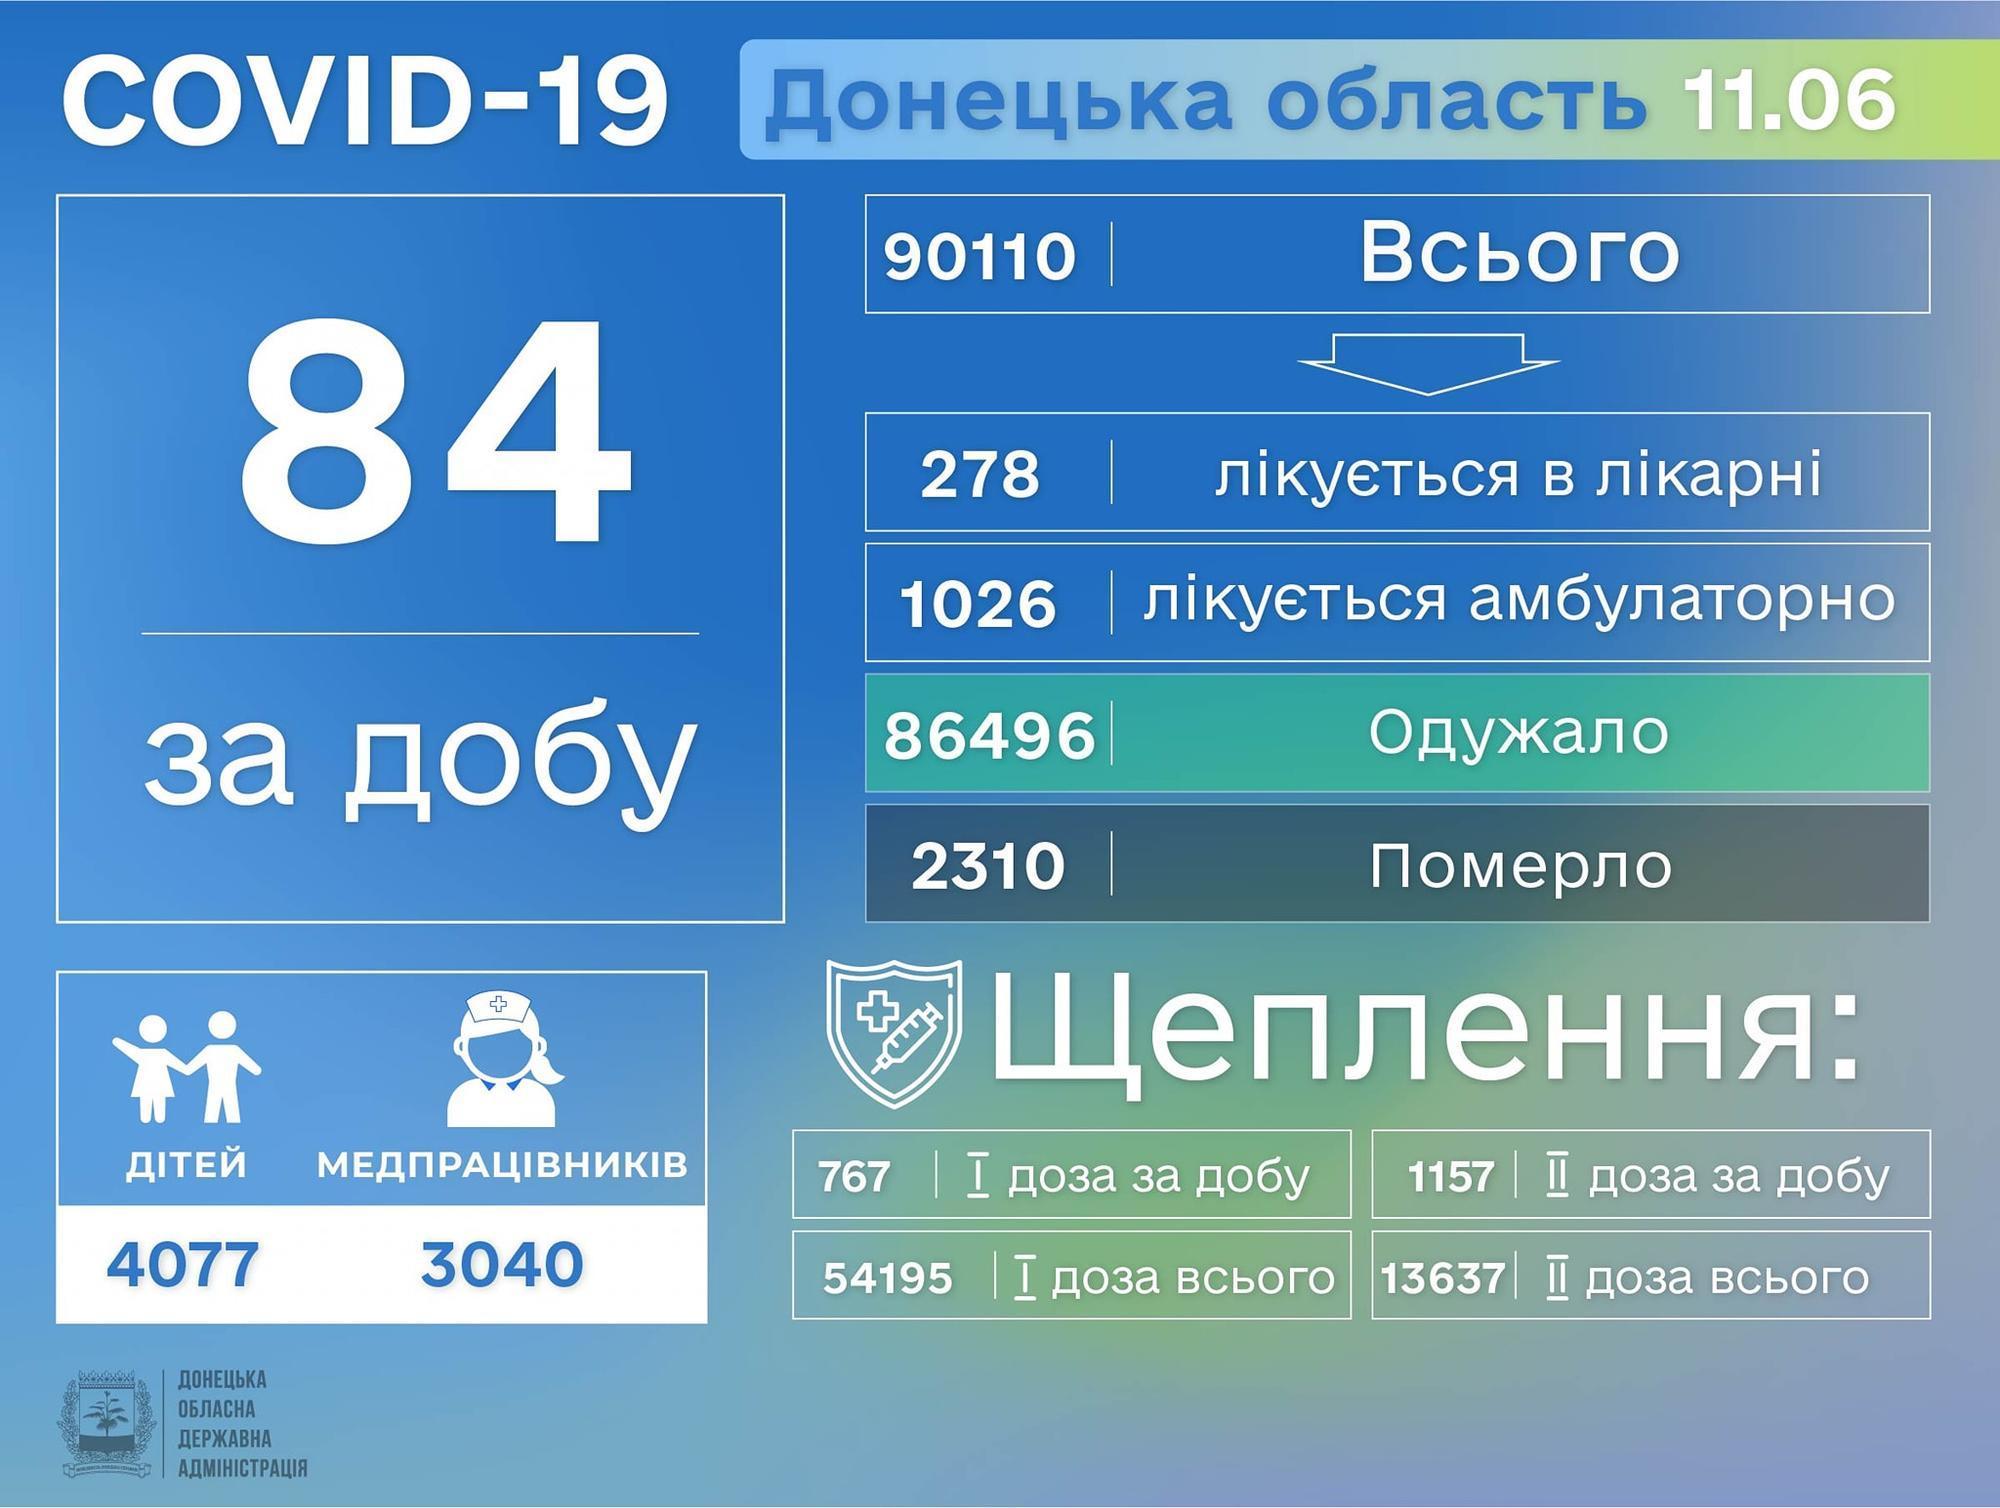 Актуальная информация о заболеваемости коронавирусом в Донецкой области